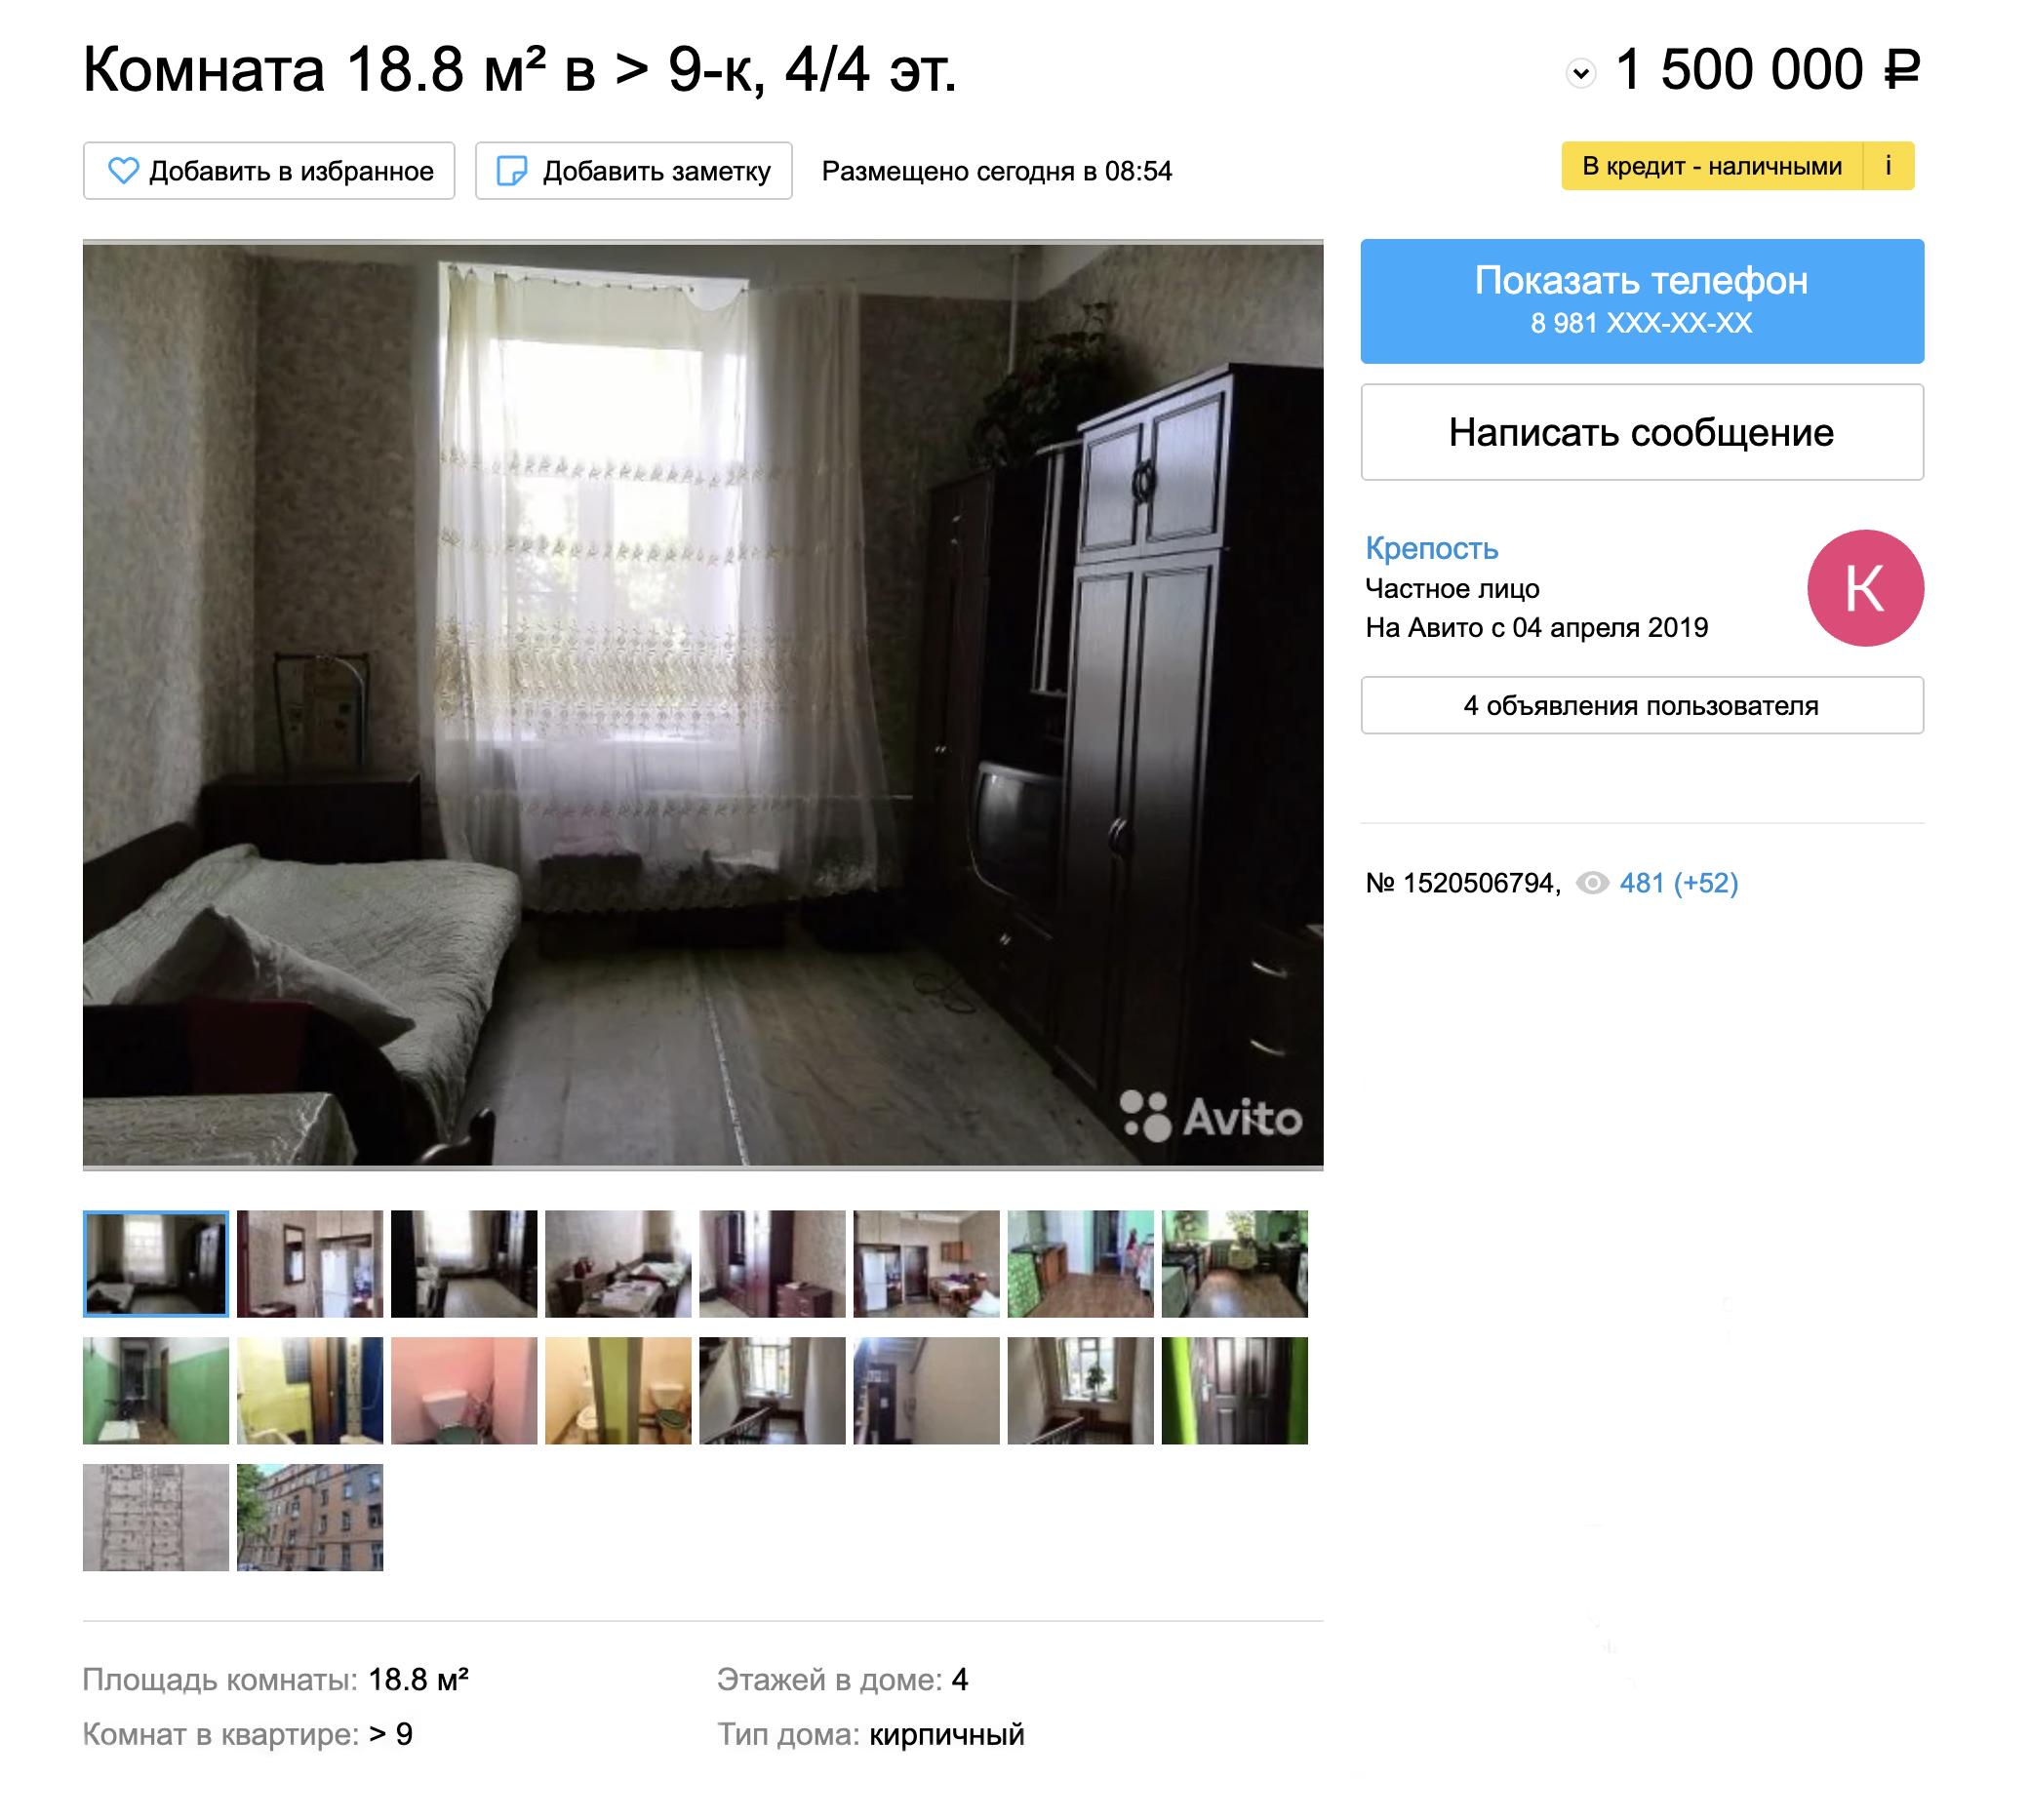 За 1,5 млн рублей продают большую комнату с ремонтом и мебелью